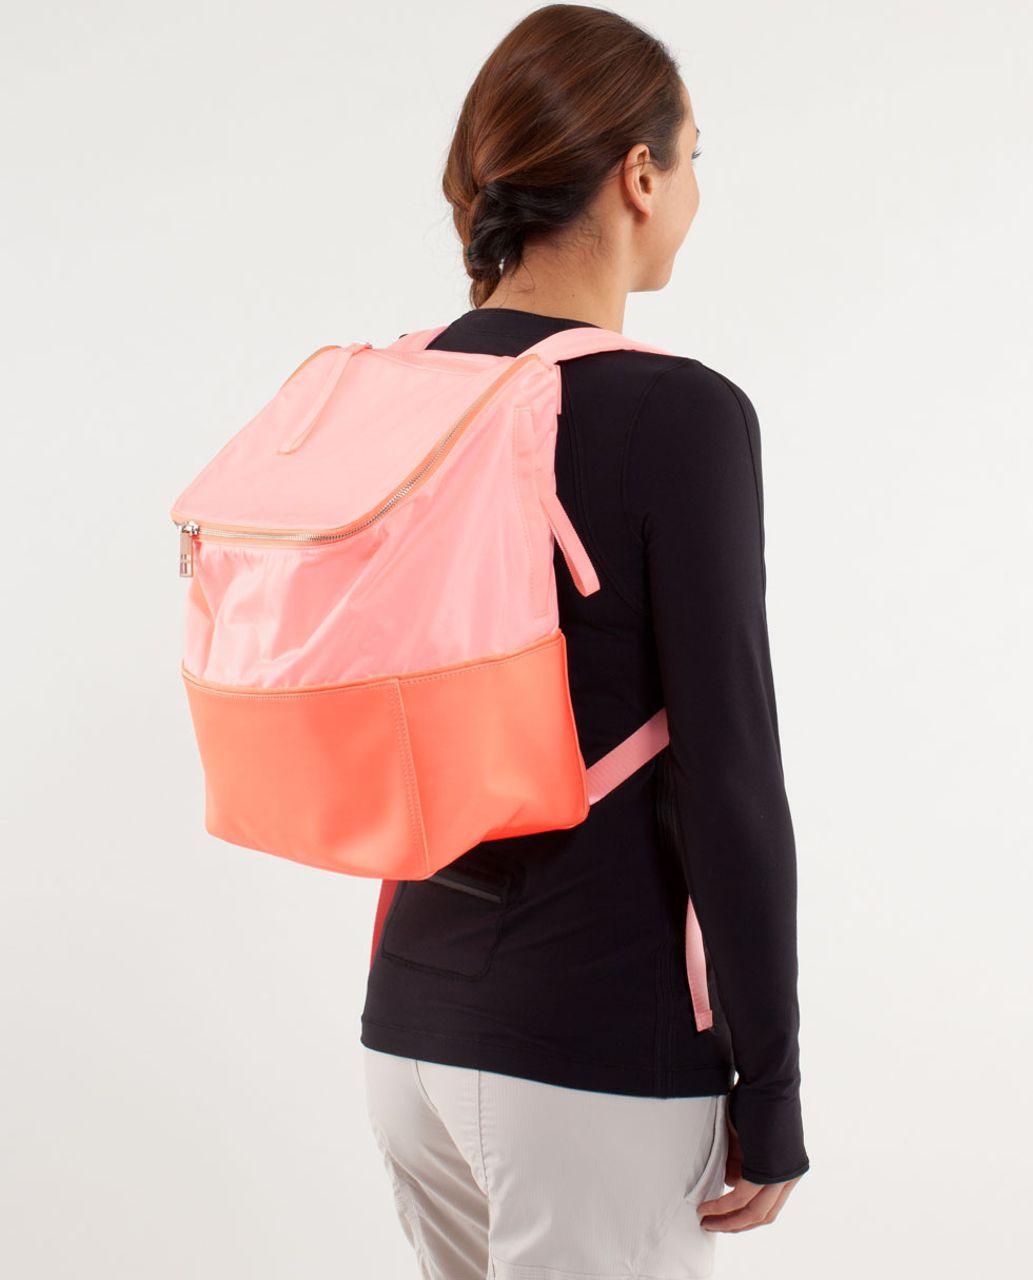 Lululemon Spring Fling Pack Bleached Coral Pop Orange